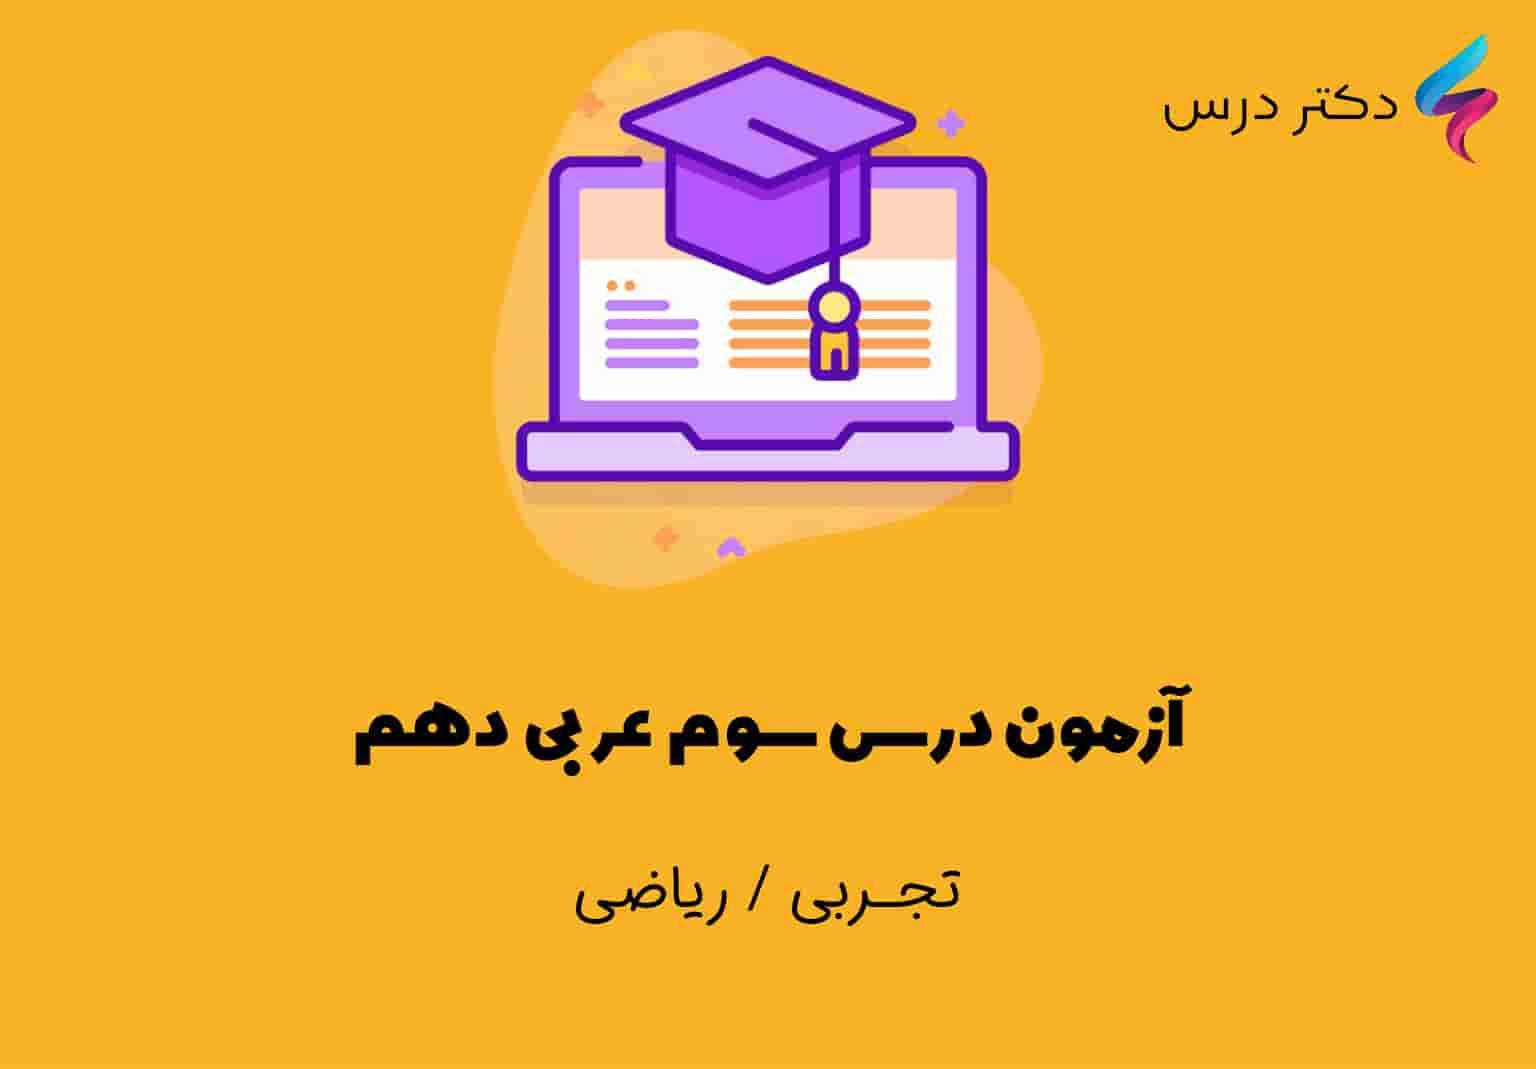 آزمون درس سوم عربی دهم رشته تجربی و ریاضی فیزیک